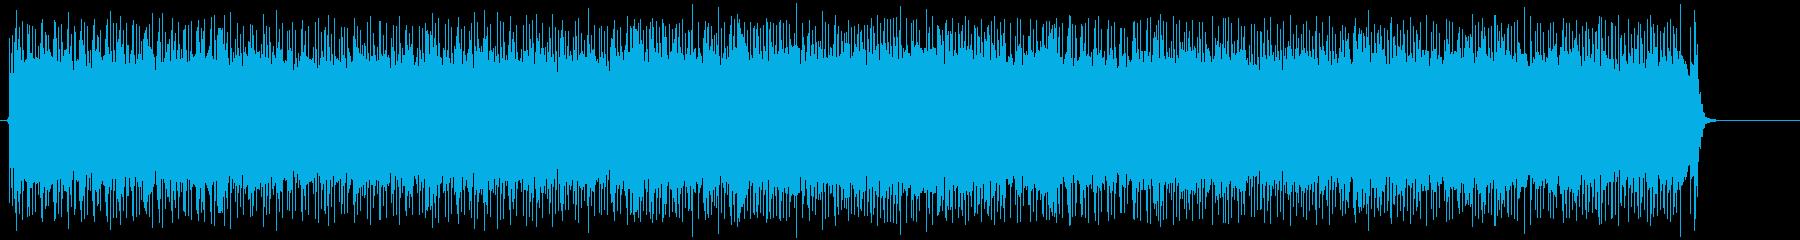 ファッショナブルで元気なポップ・ロックの再生済みの波形